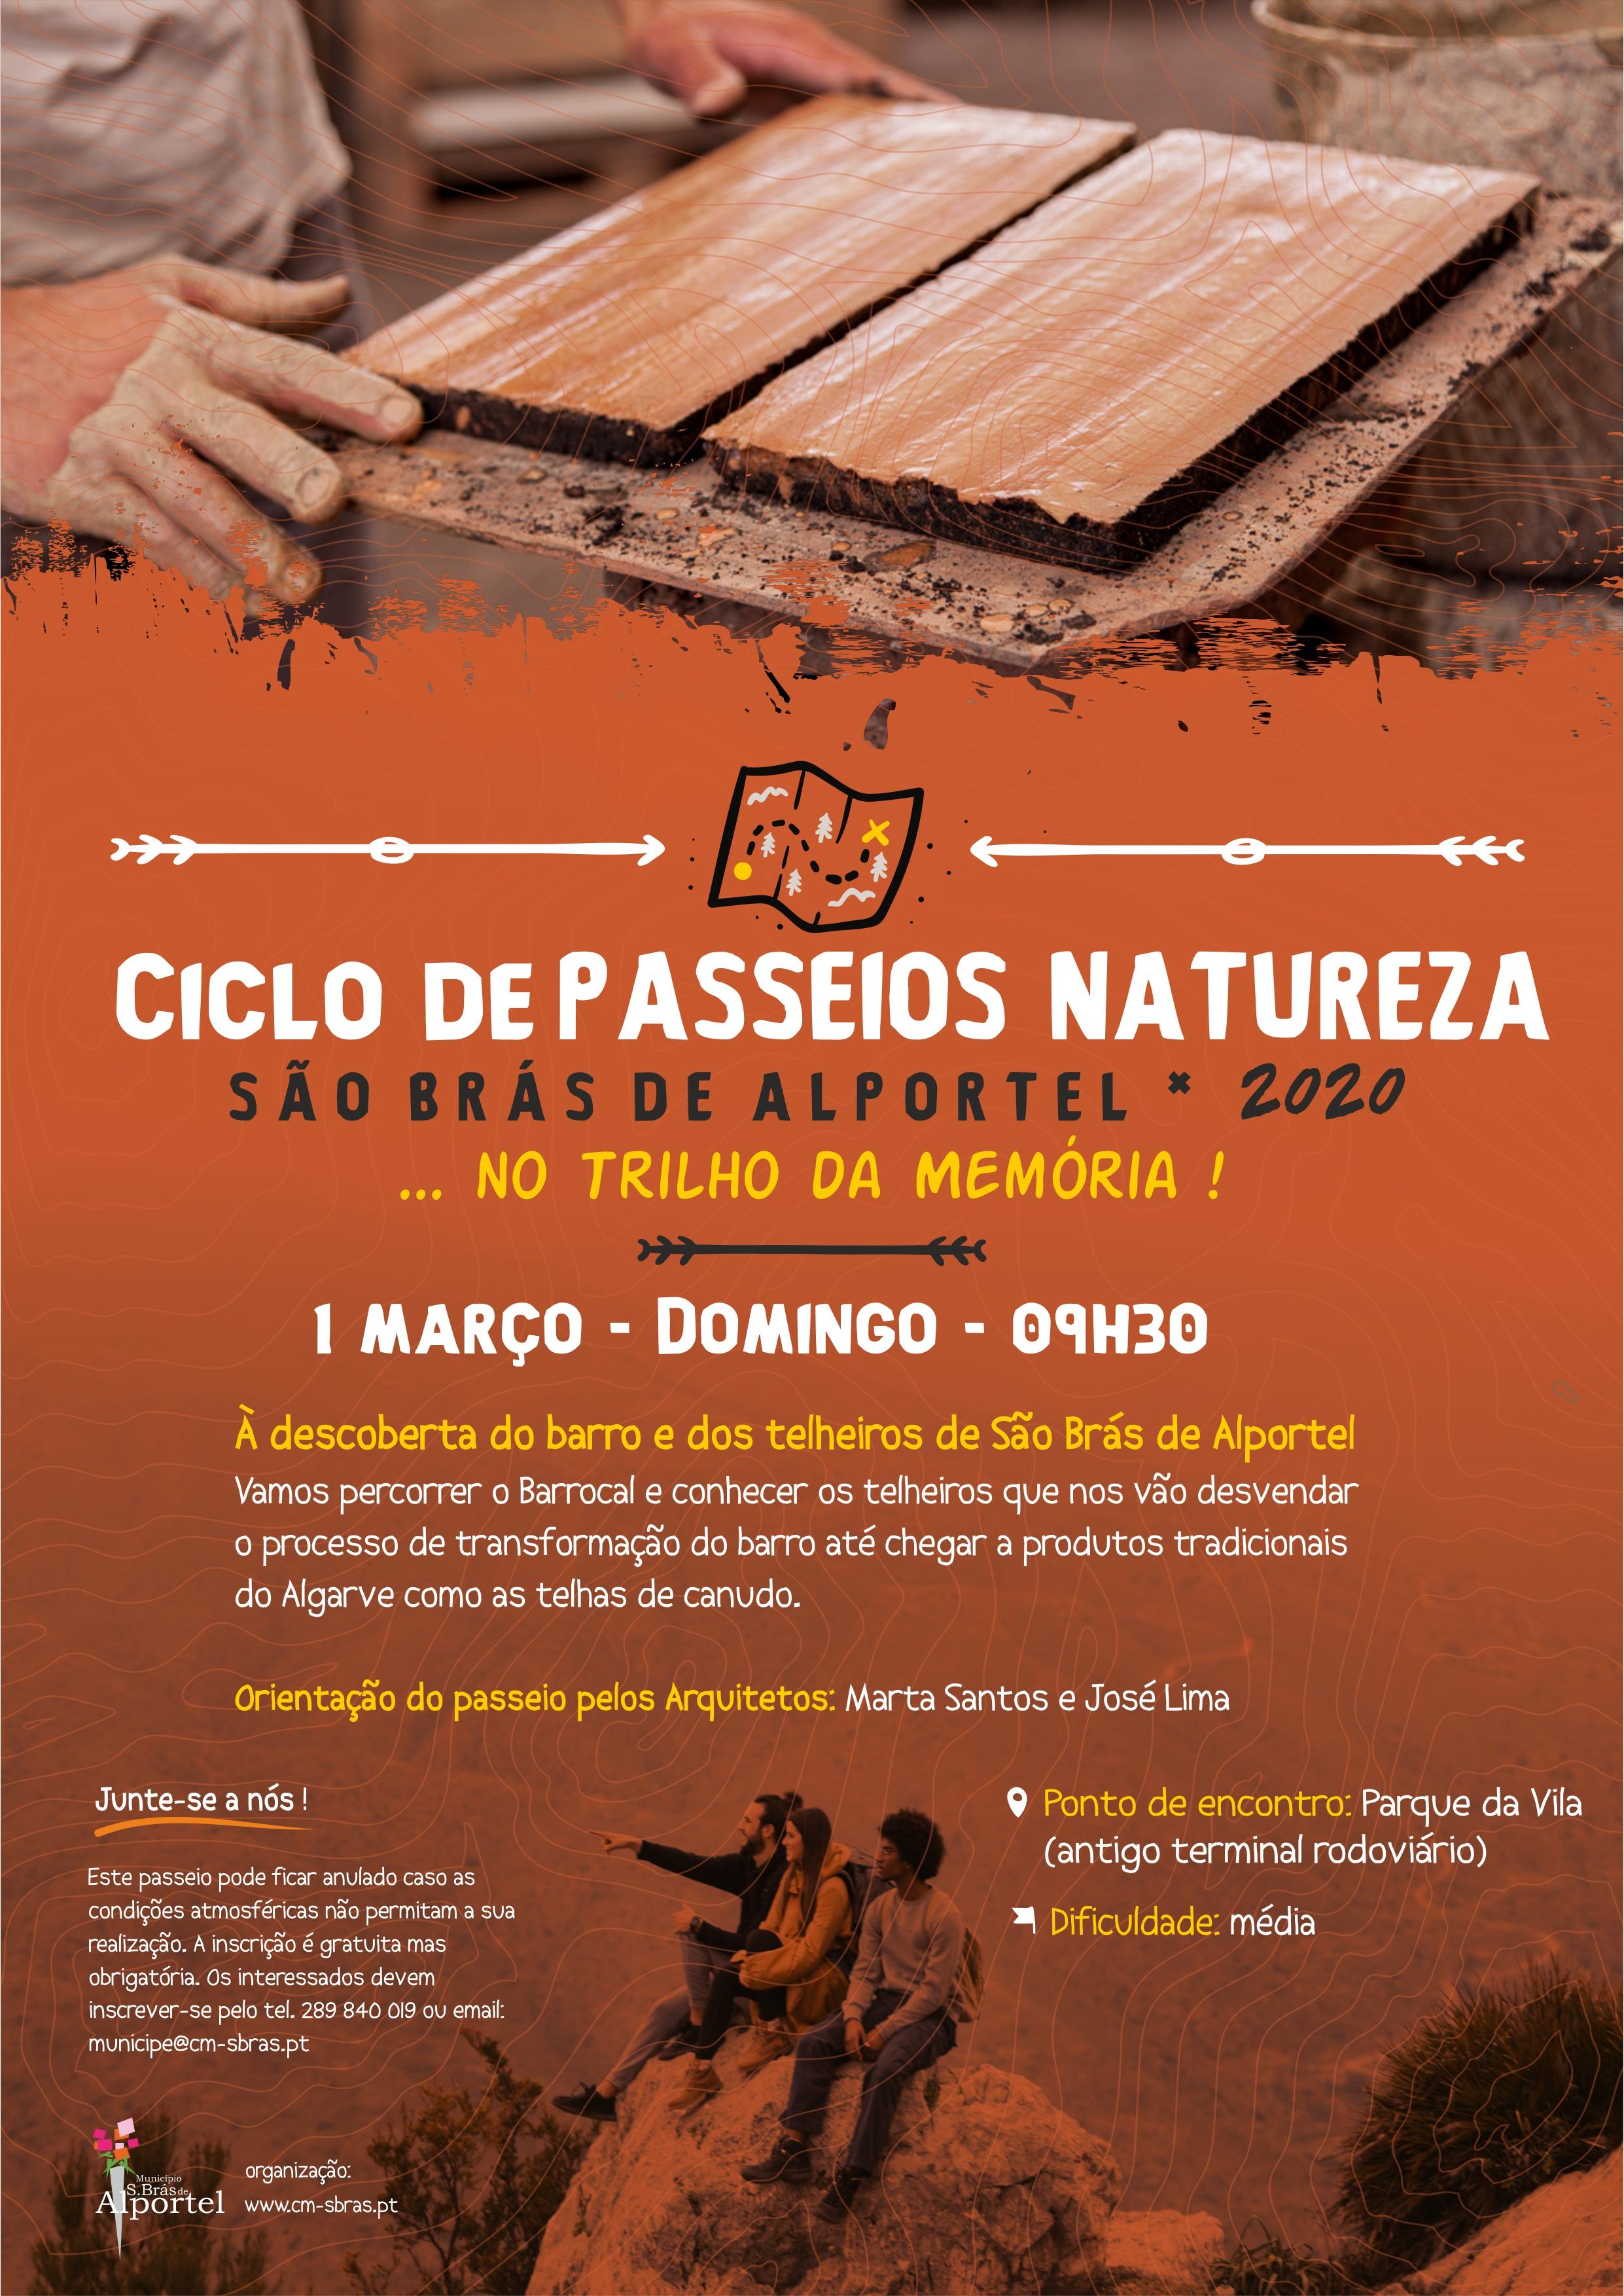 cartaz do ciclo de passeios natureza de fevereiro de 2020